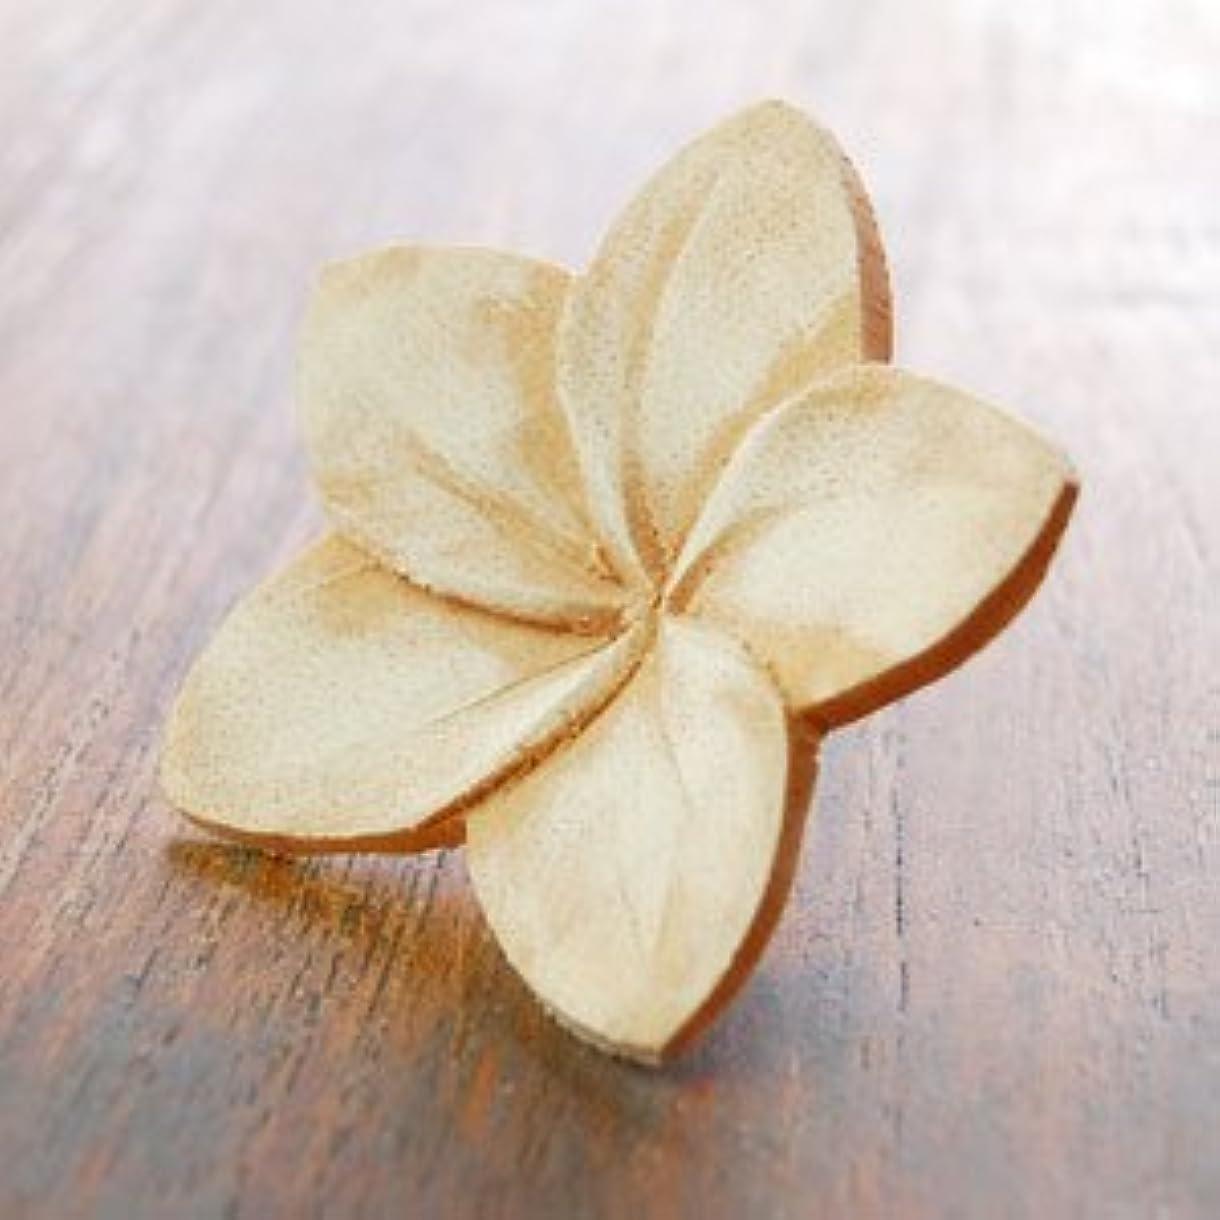 郡感性絶対に【アジア工房】プルメリアの花びらをモチーフにした木製アロマフラワー[Bタイプ][10892] [並行輸入品]